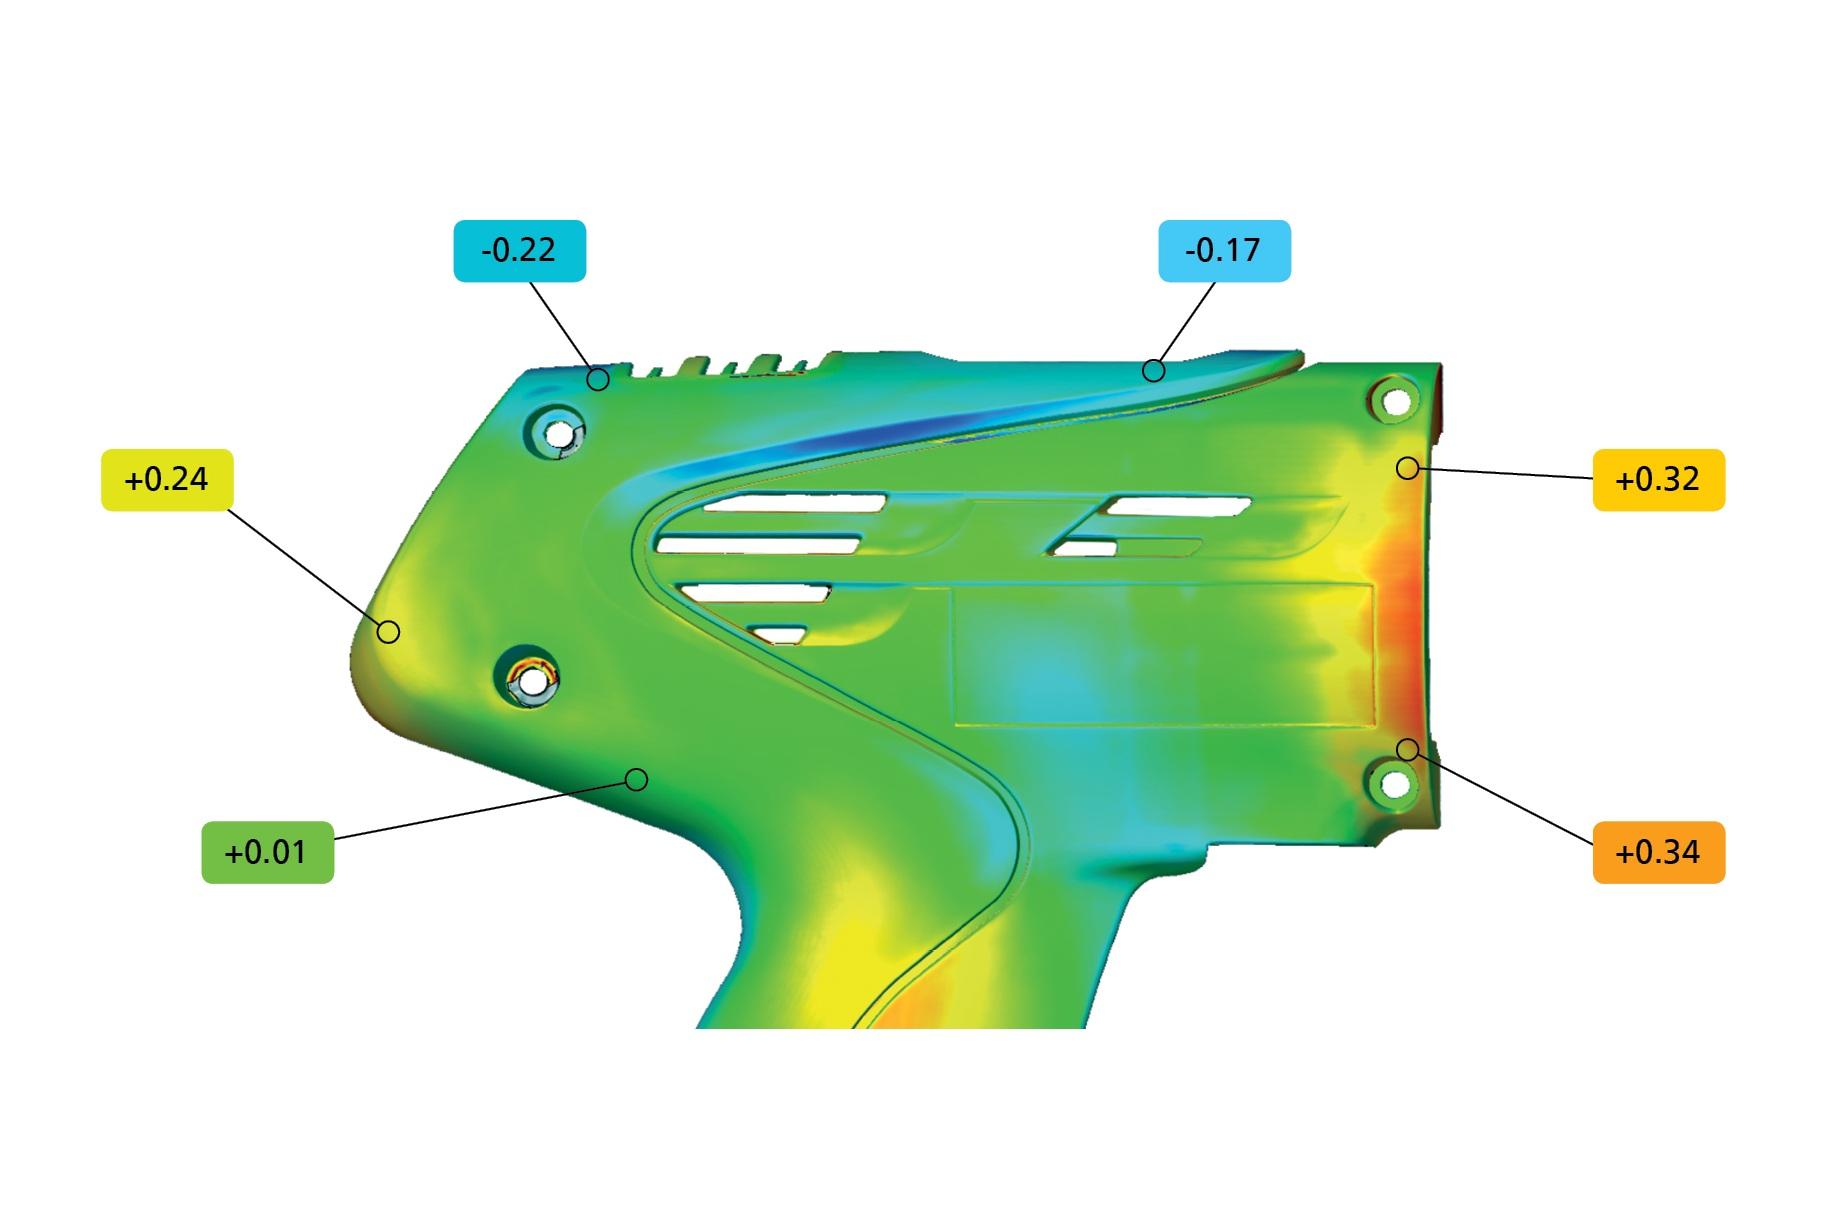 Análisis CD&T - El software cumple los estándares ASME e ISO y permite un análisis GD&T exhaustivo, incluyendo planitud, paralelismo y cilindricidad, distancias entre dos puntos, condiciones máximas de material, así como tolerancia de posición en sistemas de coordenadas locales y globales.